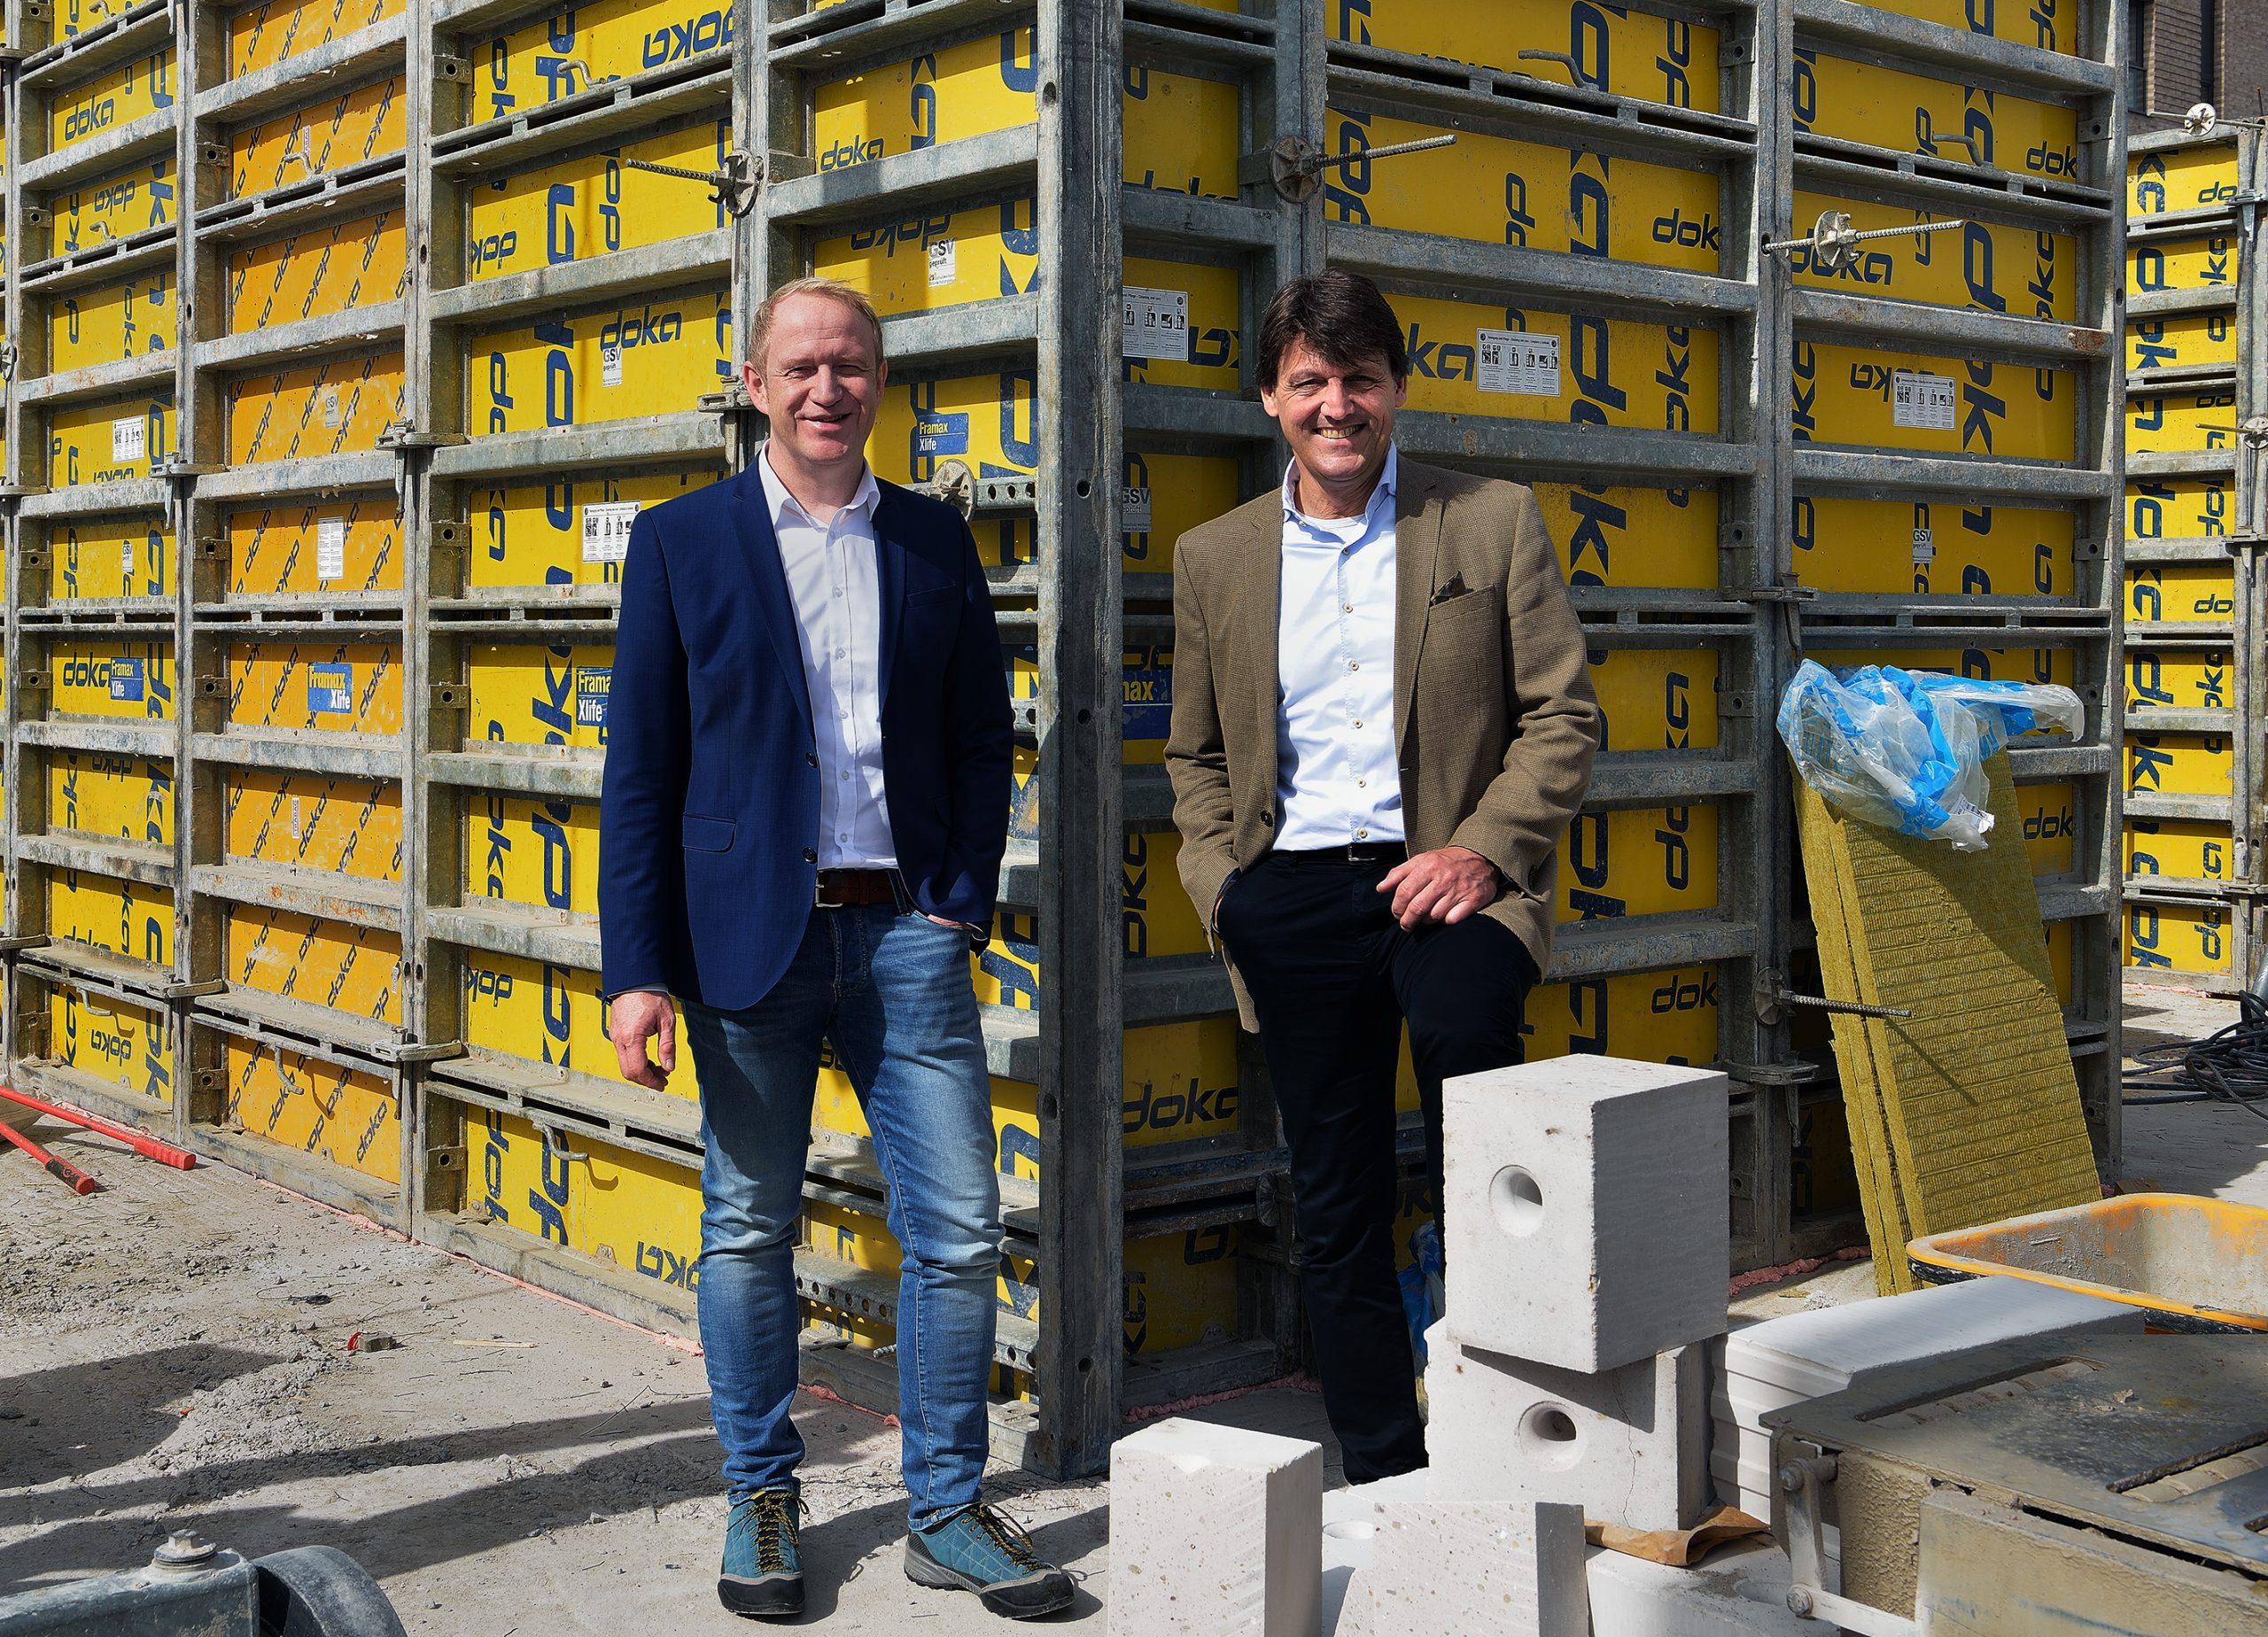 Der Vorstand der altoba: Thomas Kuper (l.) und Burkhard Pawils (© Kristina Wedekind)